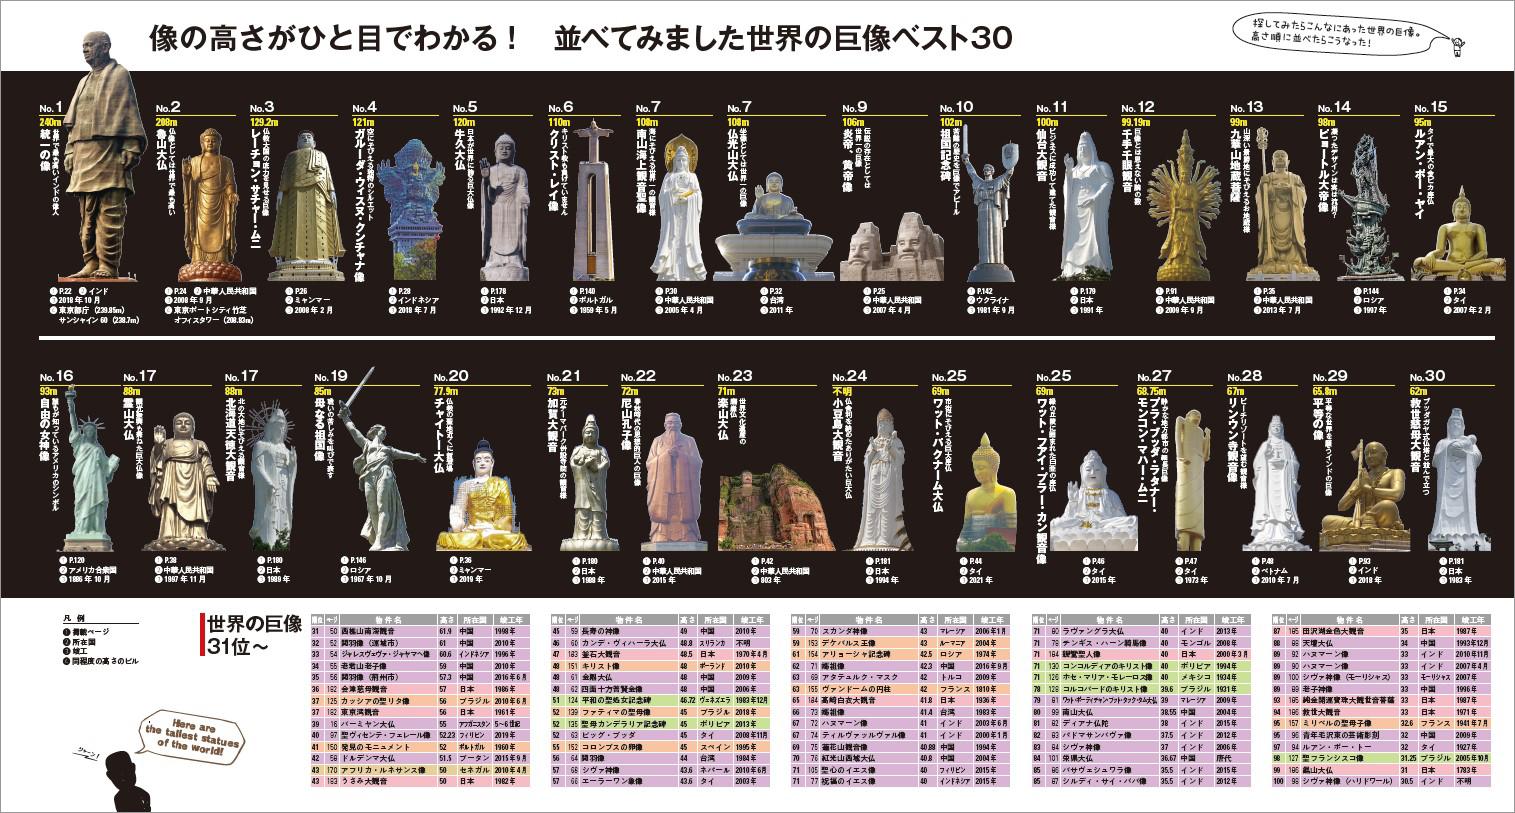 「世界の巨像ベスト30一覧」紙面